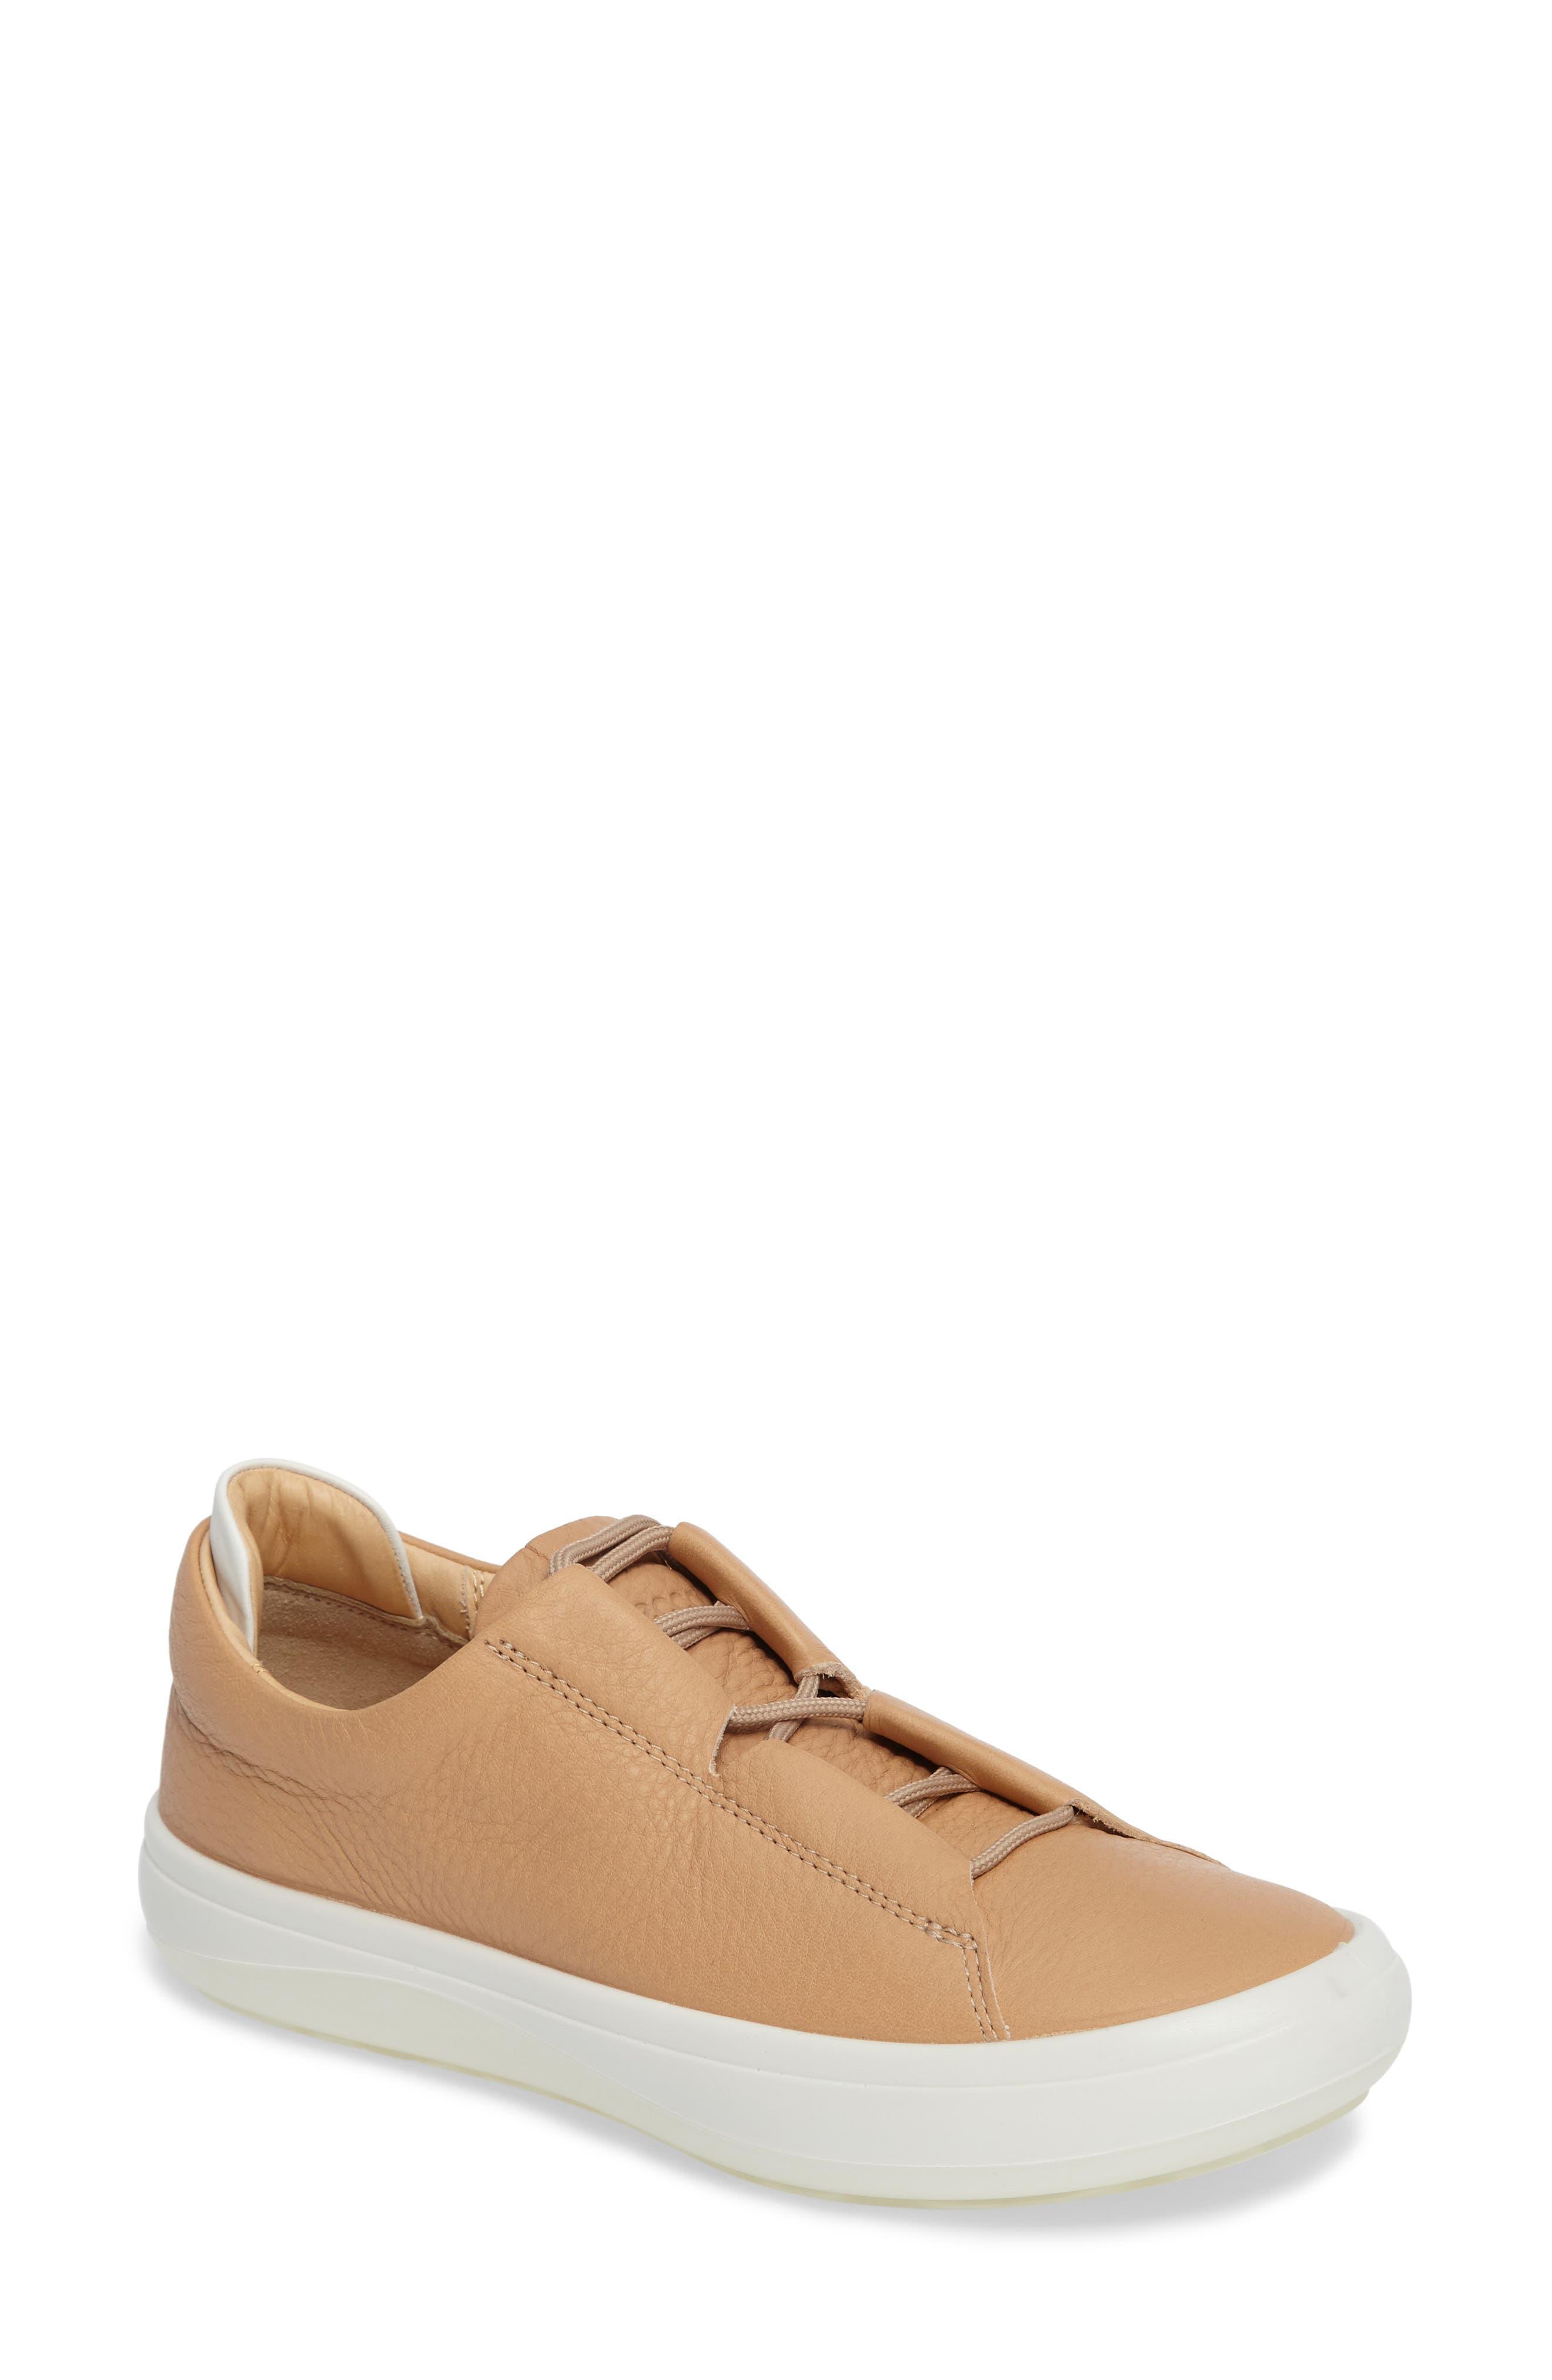 Main Image - ECCO Kinhin Low Top Sneaker (Women)